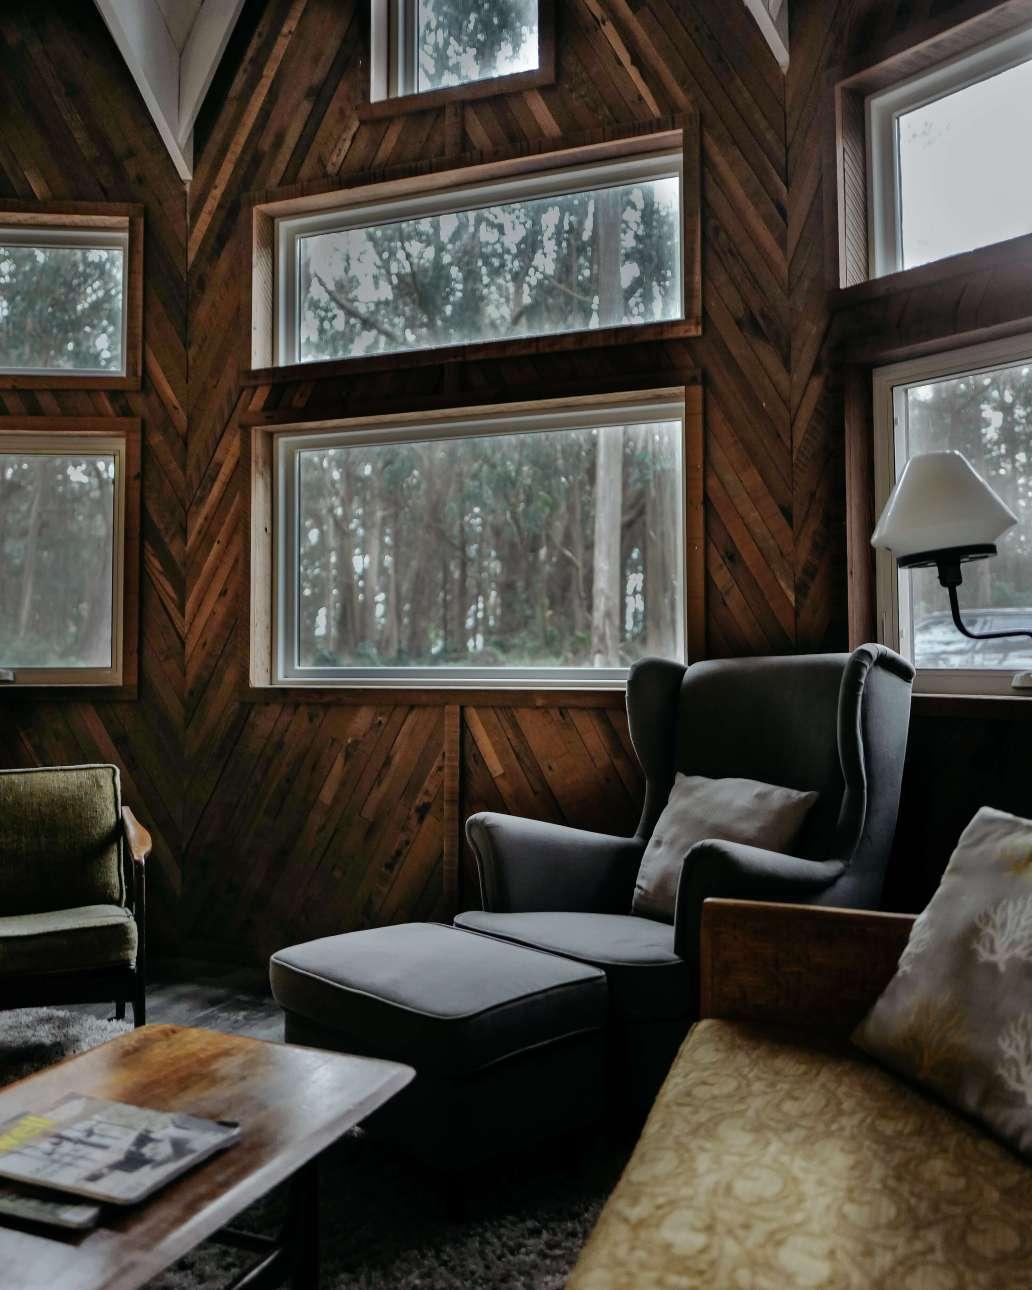 drew coffman EbivdbB83Y0 unsplash 2 1638x2048 - Comment créer une ambiance ressourçante à la maison en hiver ?